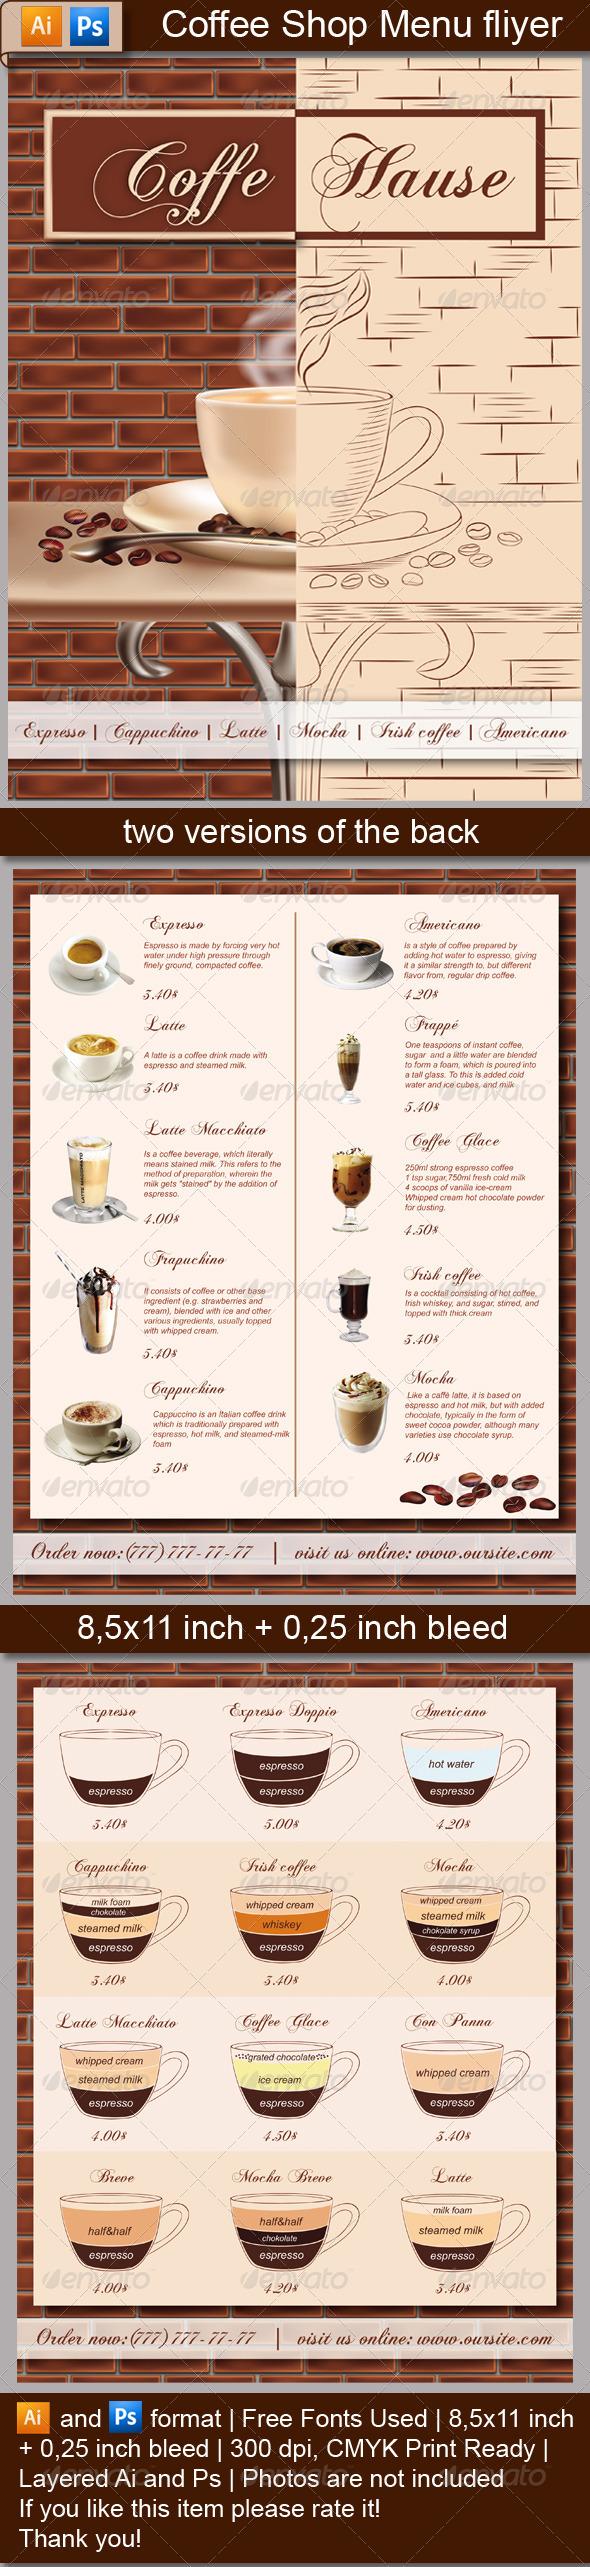 GraphicRiver Coffee Shop Menu Flyer 5083234